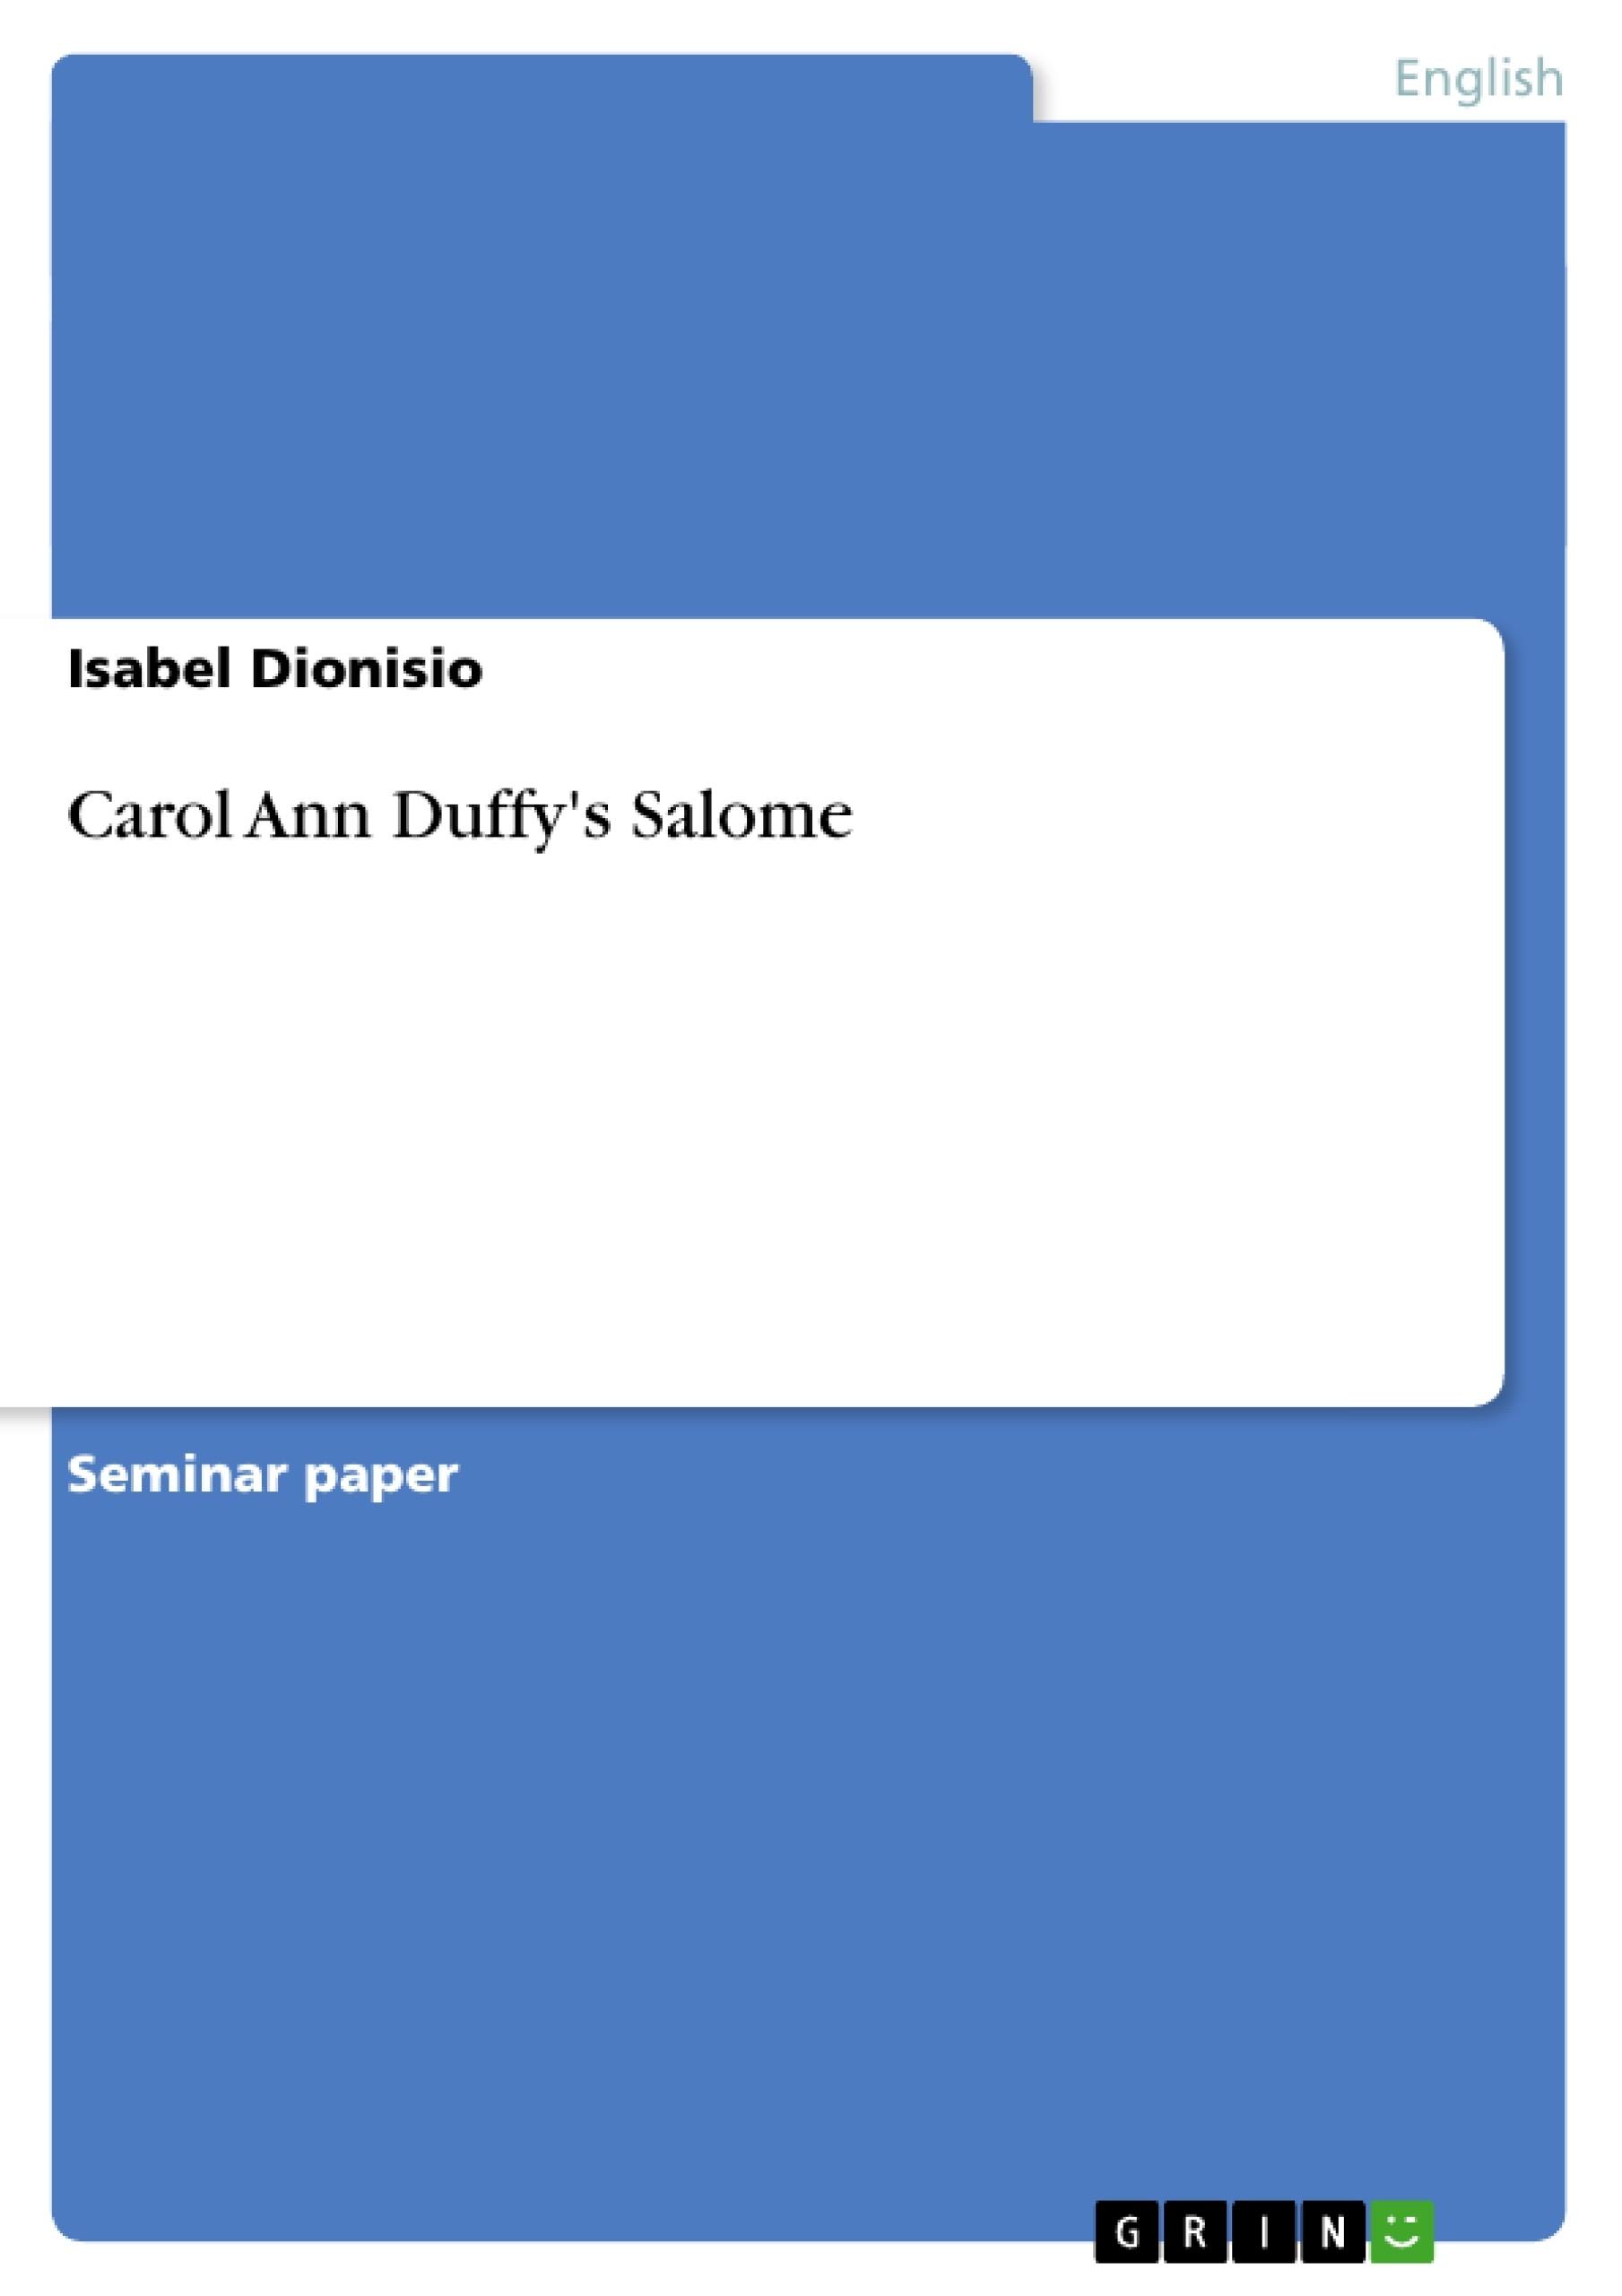 Title: Carol Ann Duffy's Salome